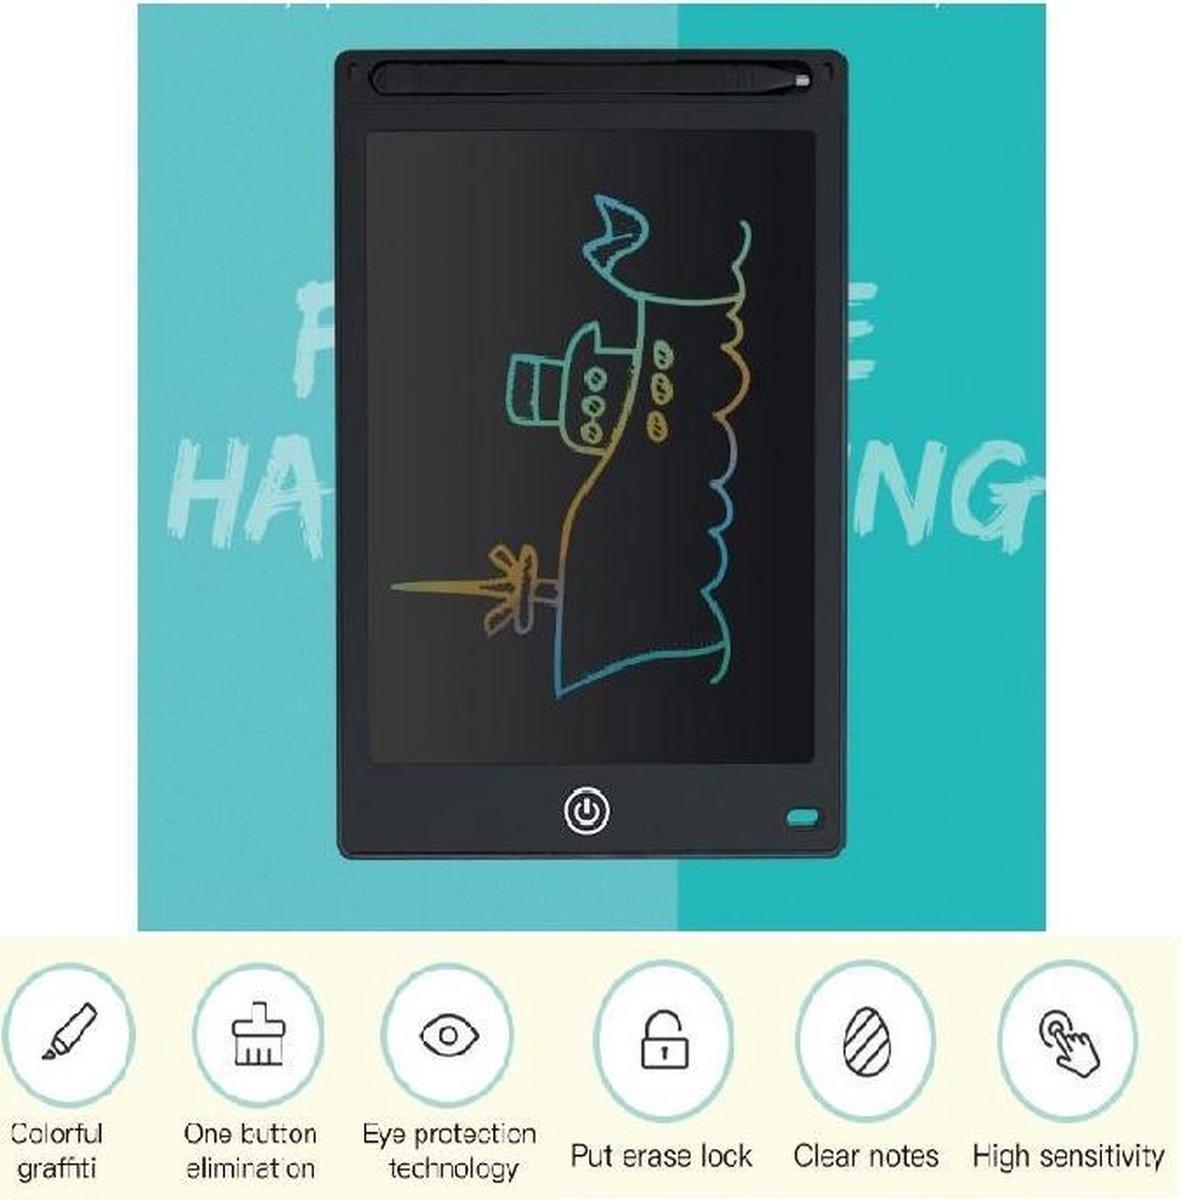 Tablet 10 Inch Zwart Lcd Schrijven Elektronische Digitale Graphics Tekentafel Doodle Pad Met Stylus Pen Draagbare Gift Voor iemand